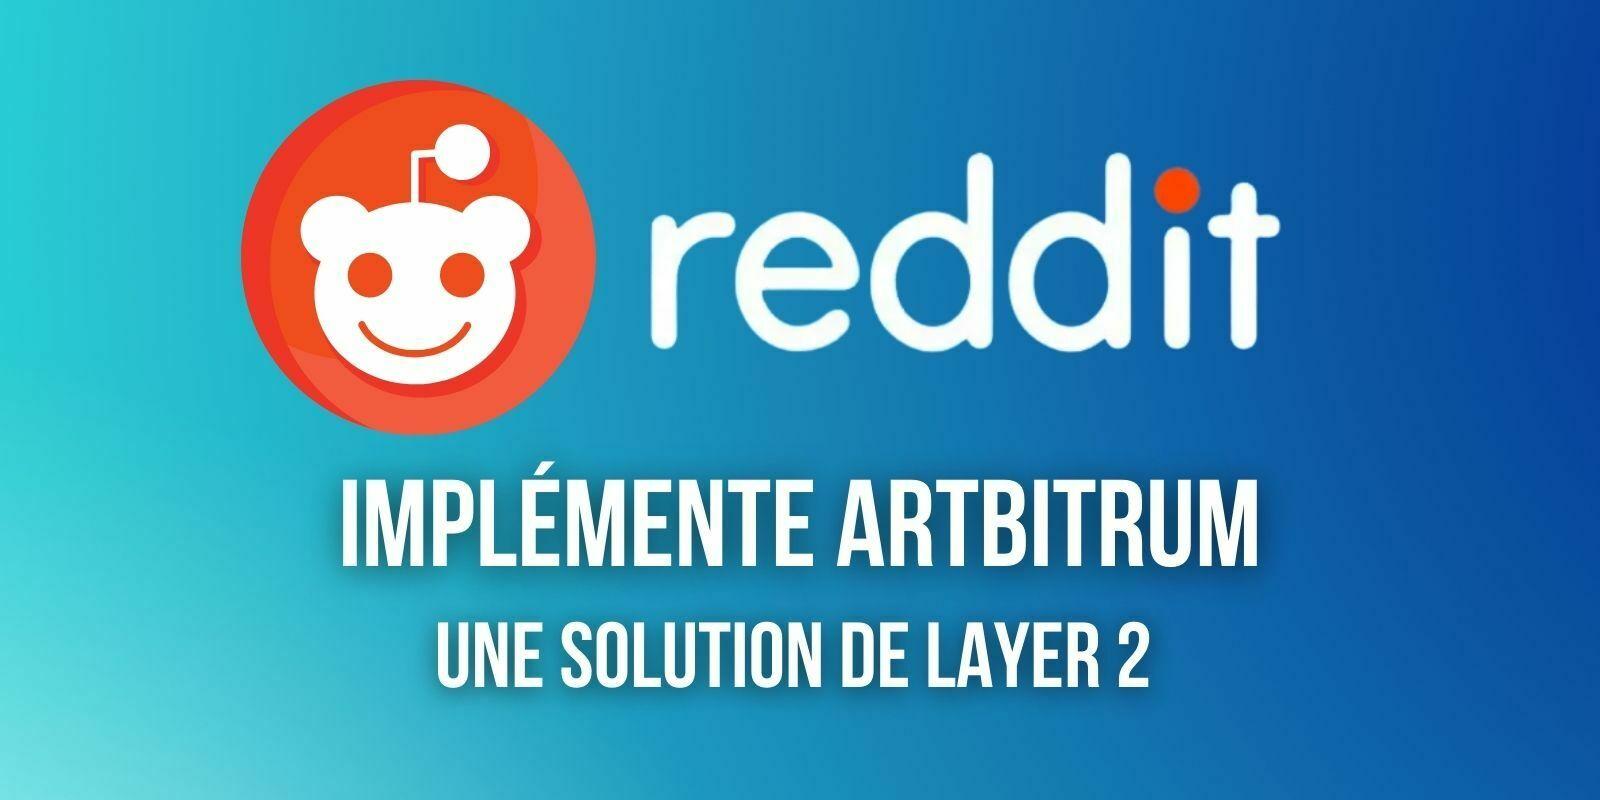 Reddit fait évoluer ses tokens basés sur Ethereum avec une solution de layer 2